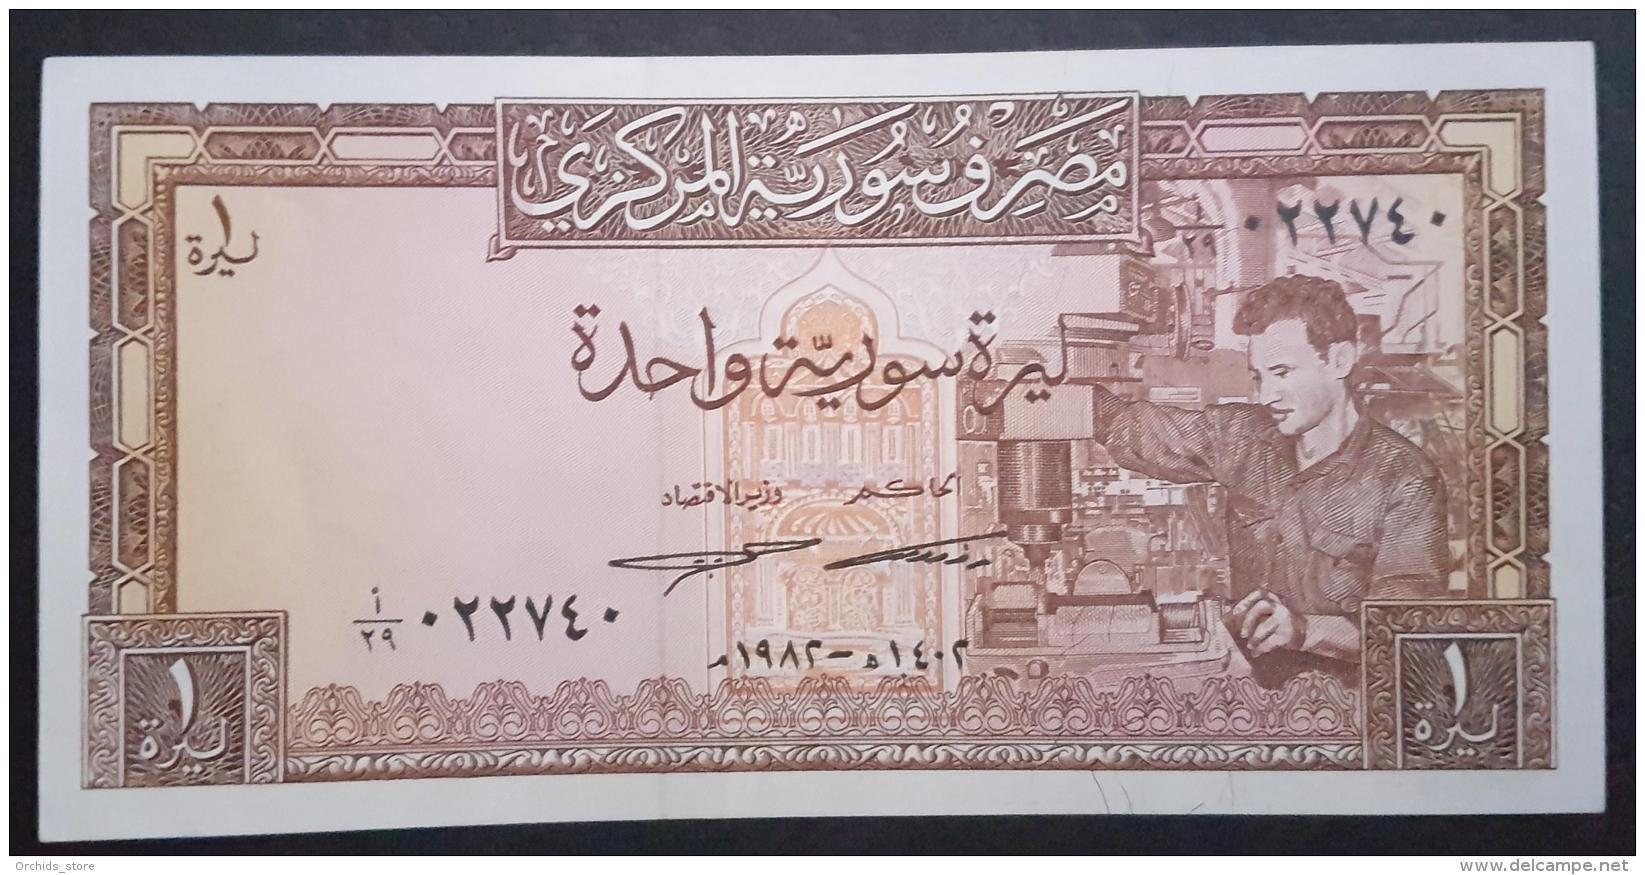 HX - Syria 1982 1 Livres UNC - Syrie